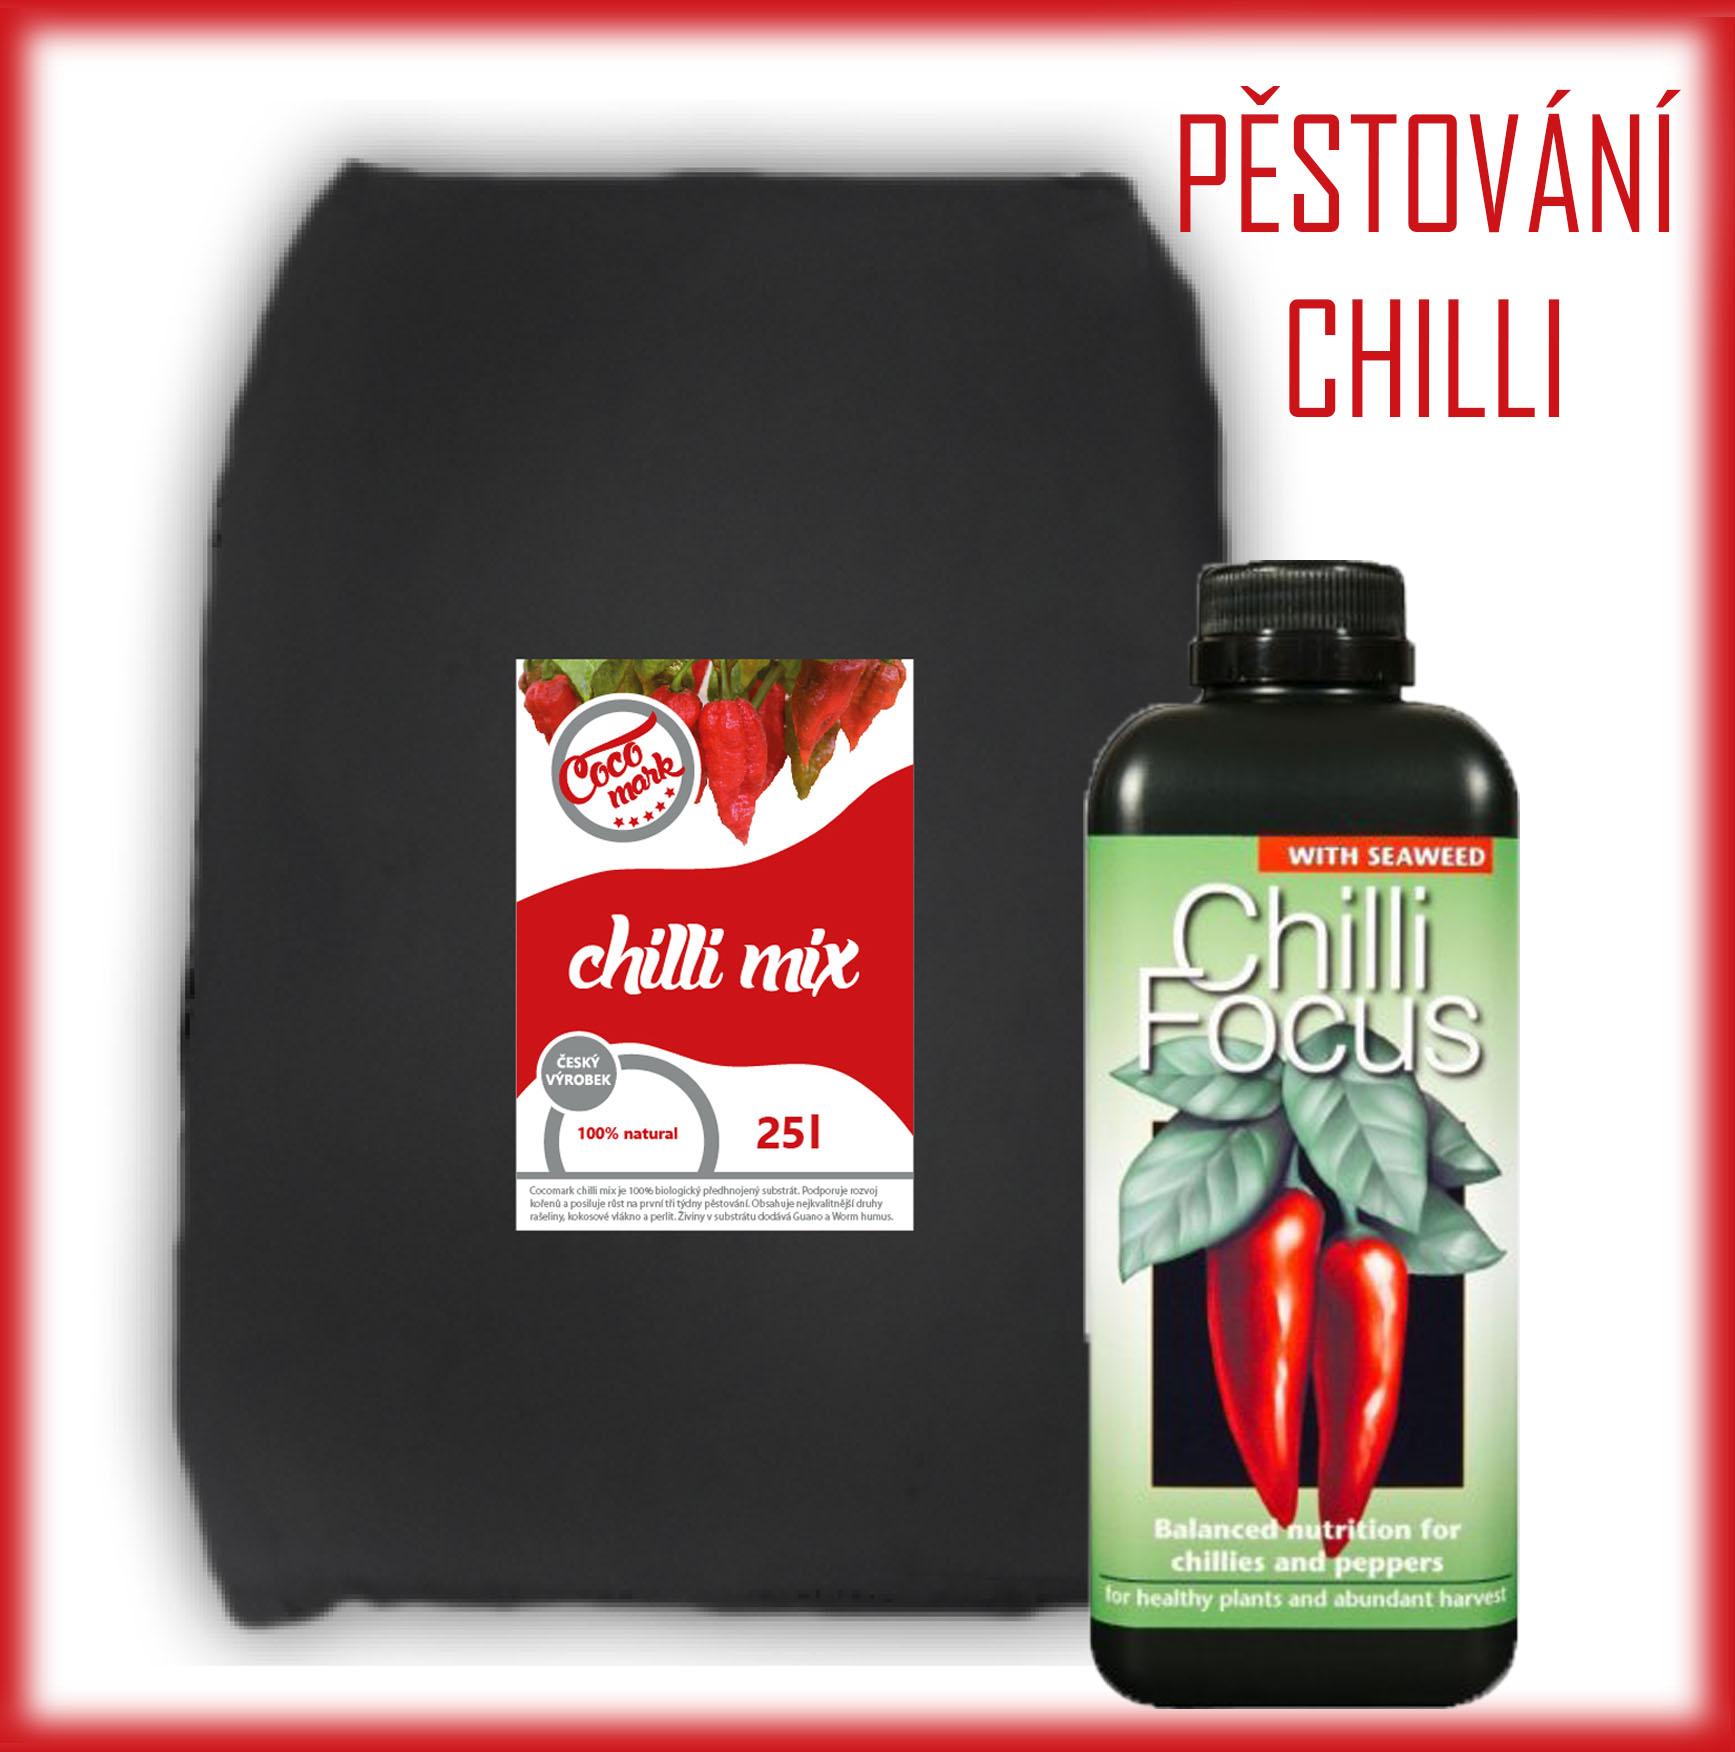 Substrát na chilli a hnojiva